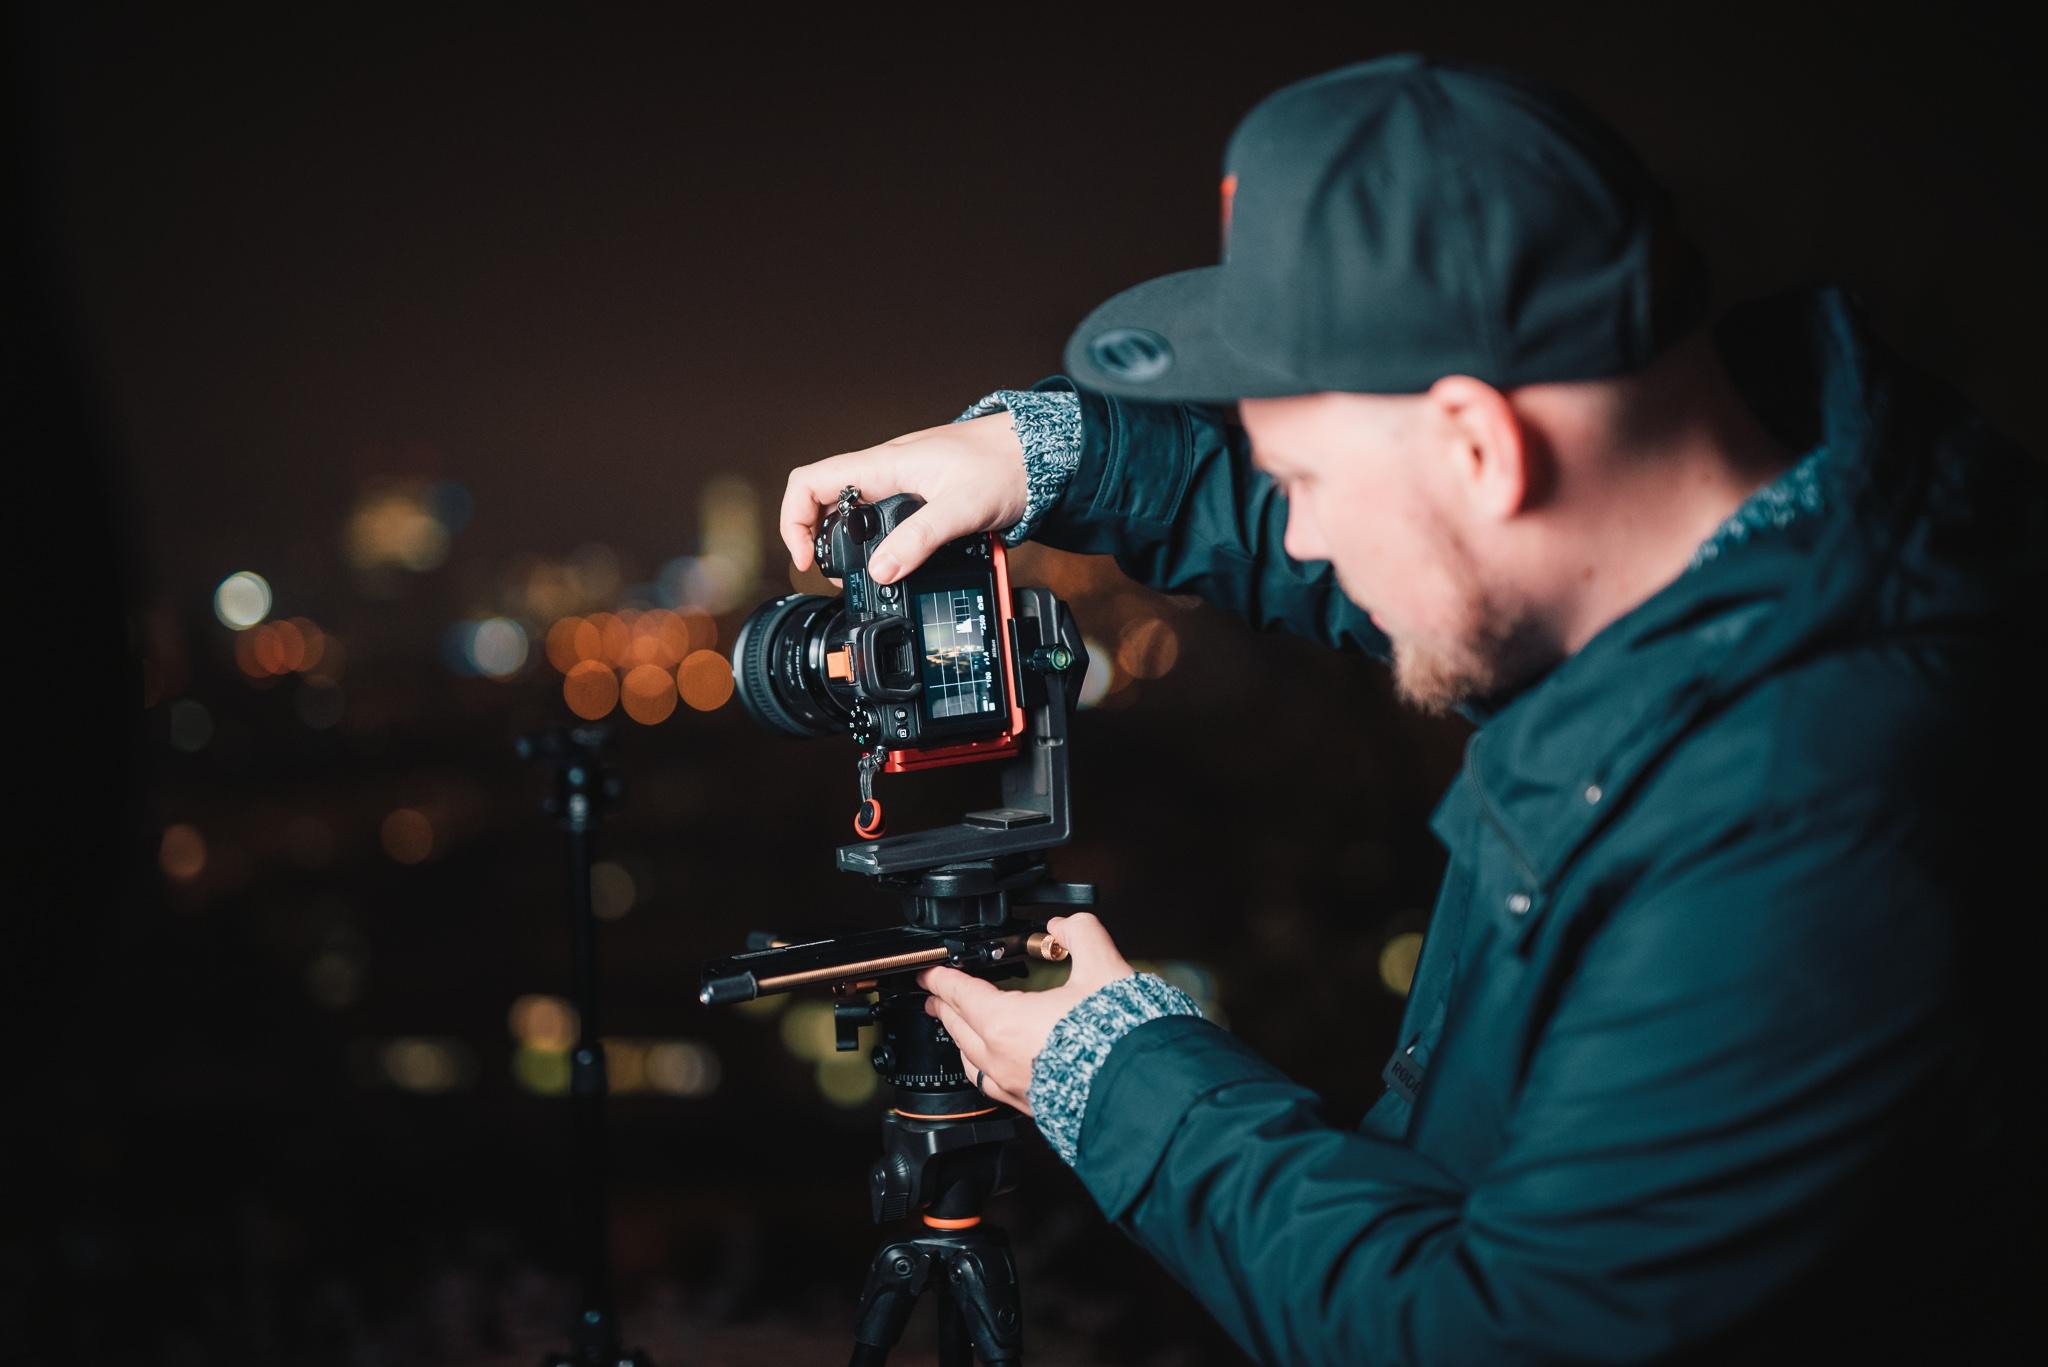 Naučte se 3 způsoby, jak vyfotit panorama